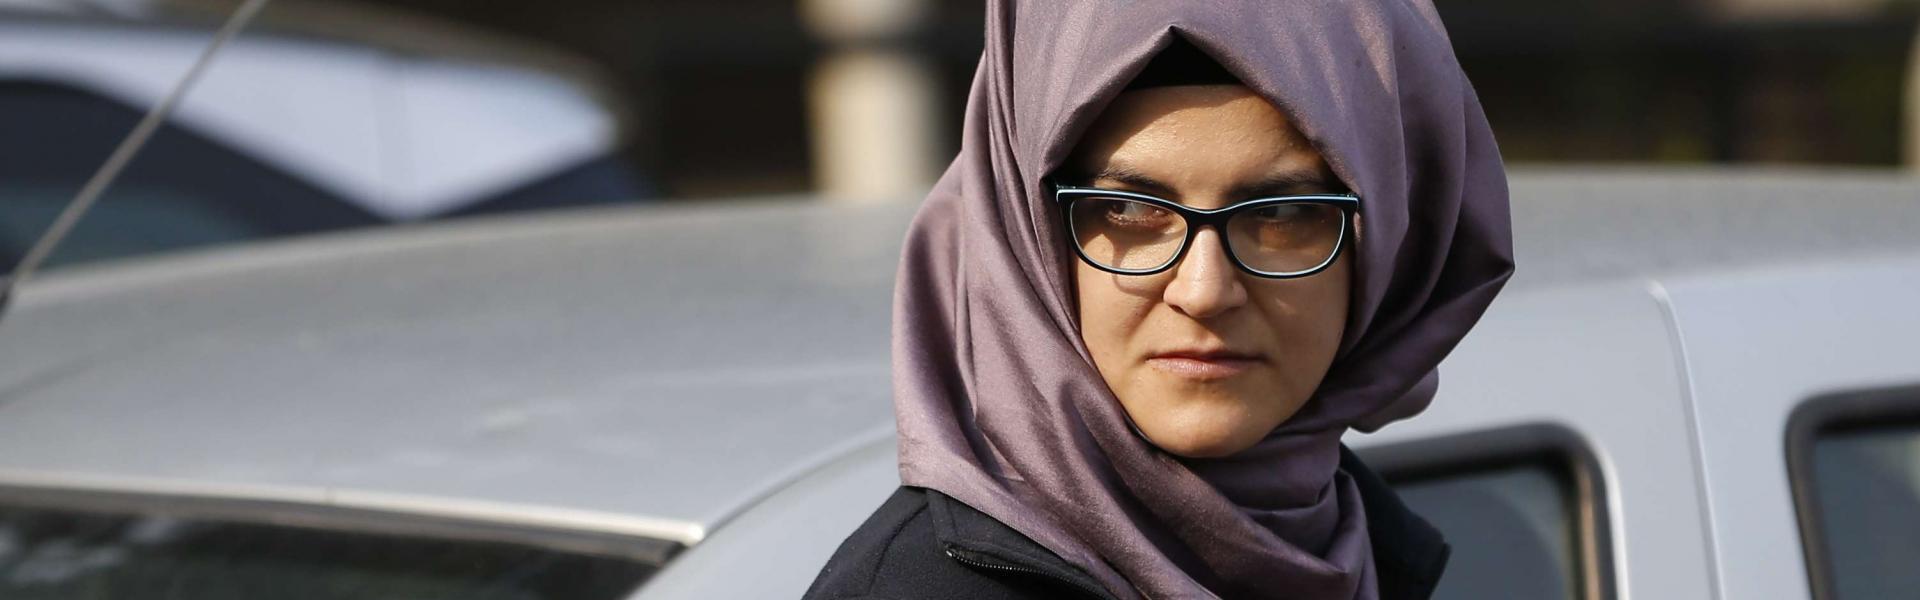 Khashoggi's fiancée asks for accountability if he was killed - NYT